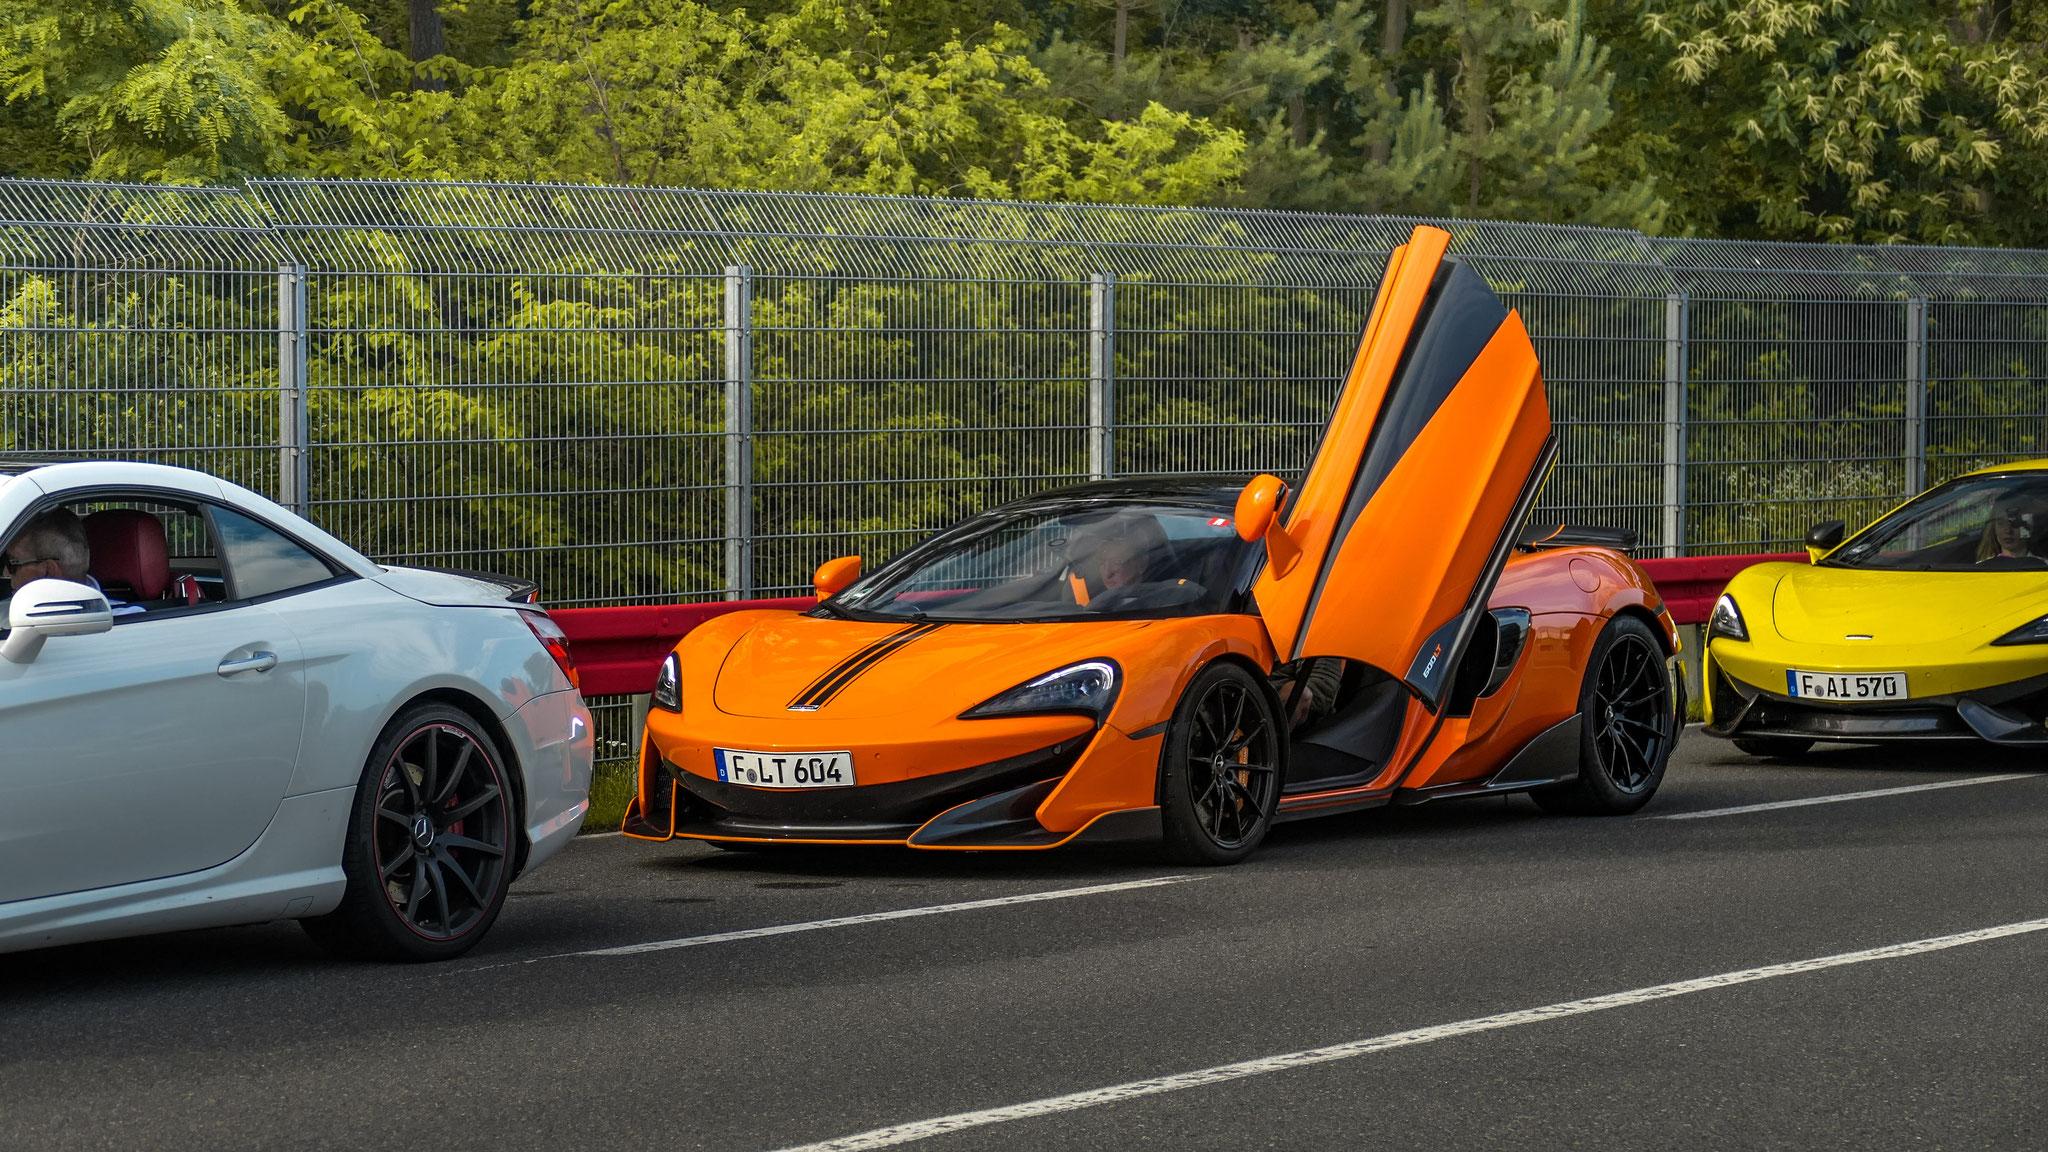 McLaren 600LT - F-LT-604